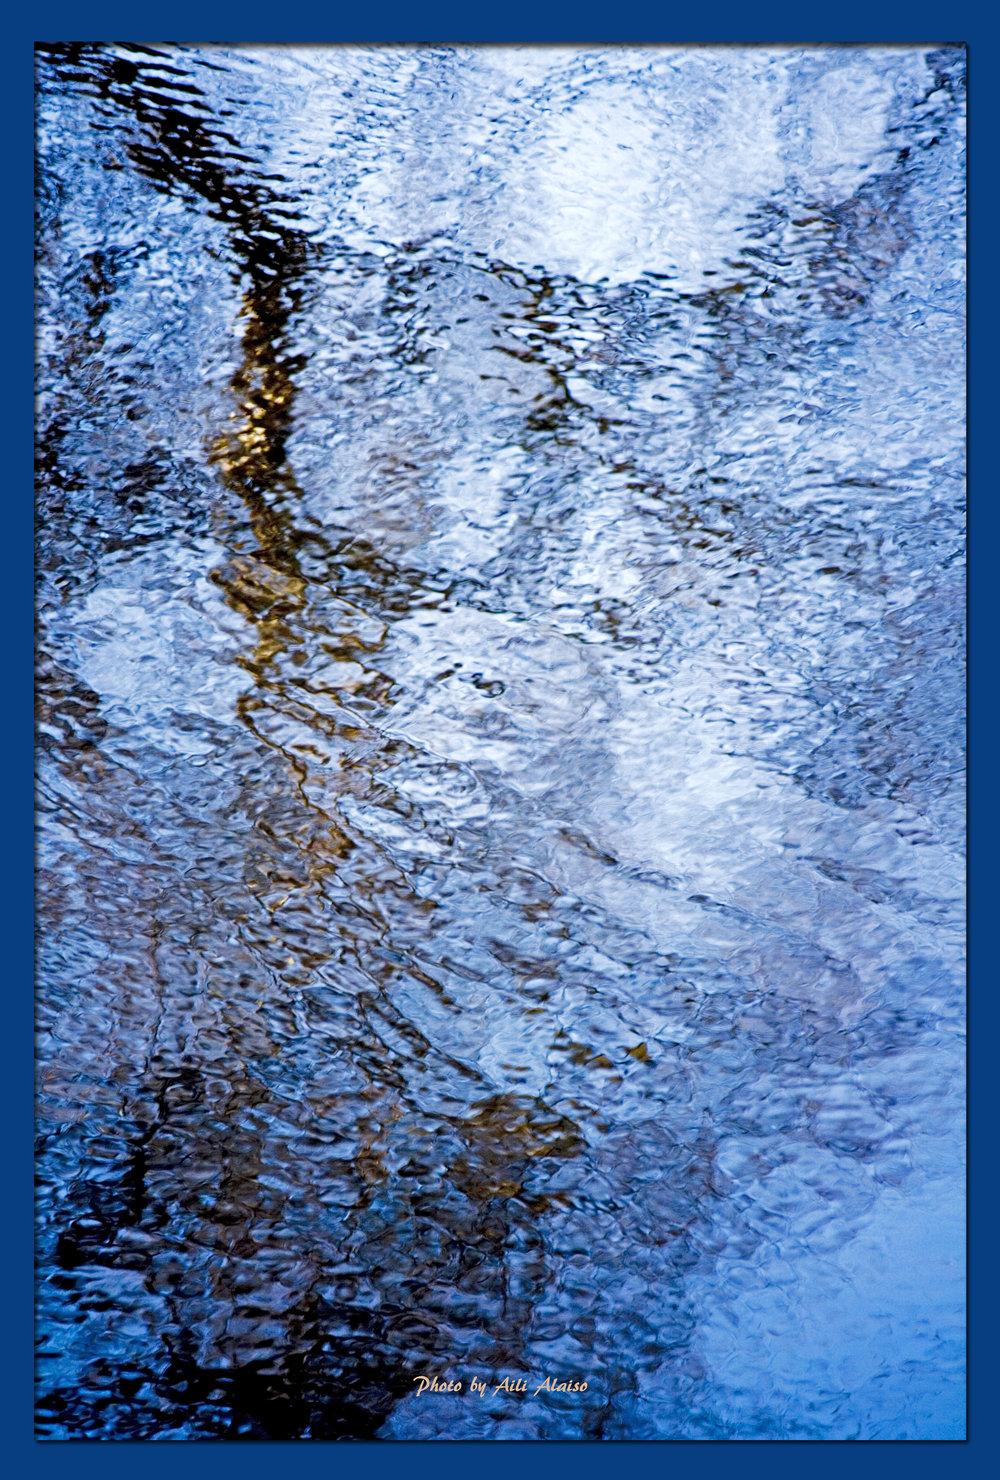 Aili Alaiso: Sinisen virran rannalla